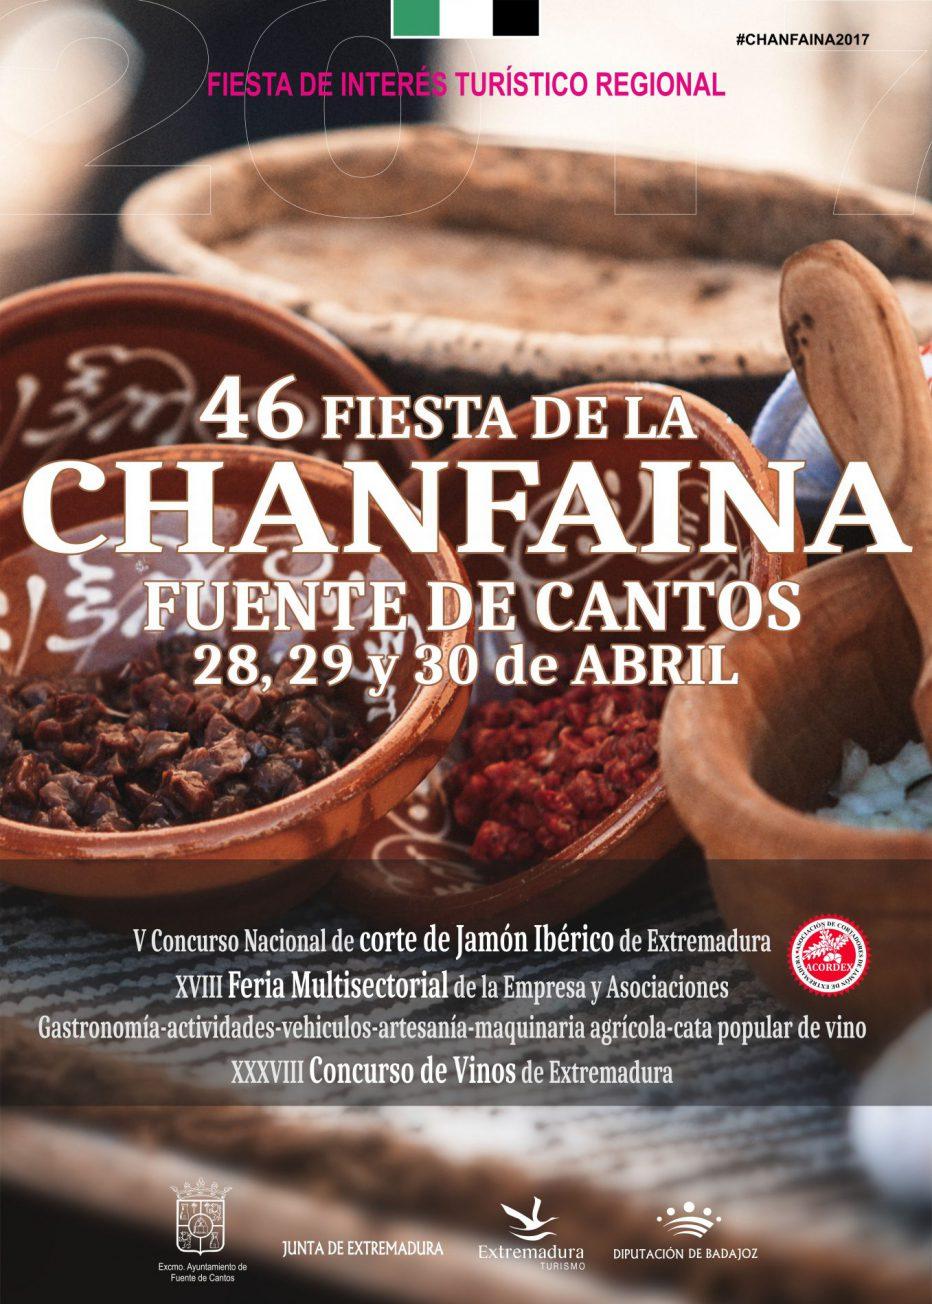 Inauguración Fiesta de la Chanfaina